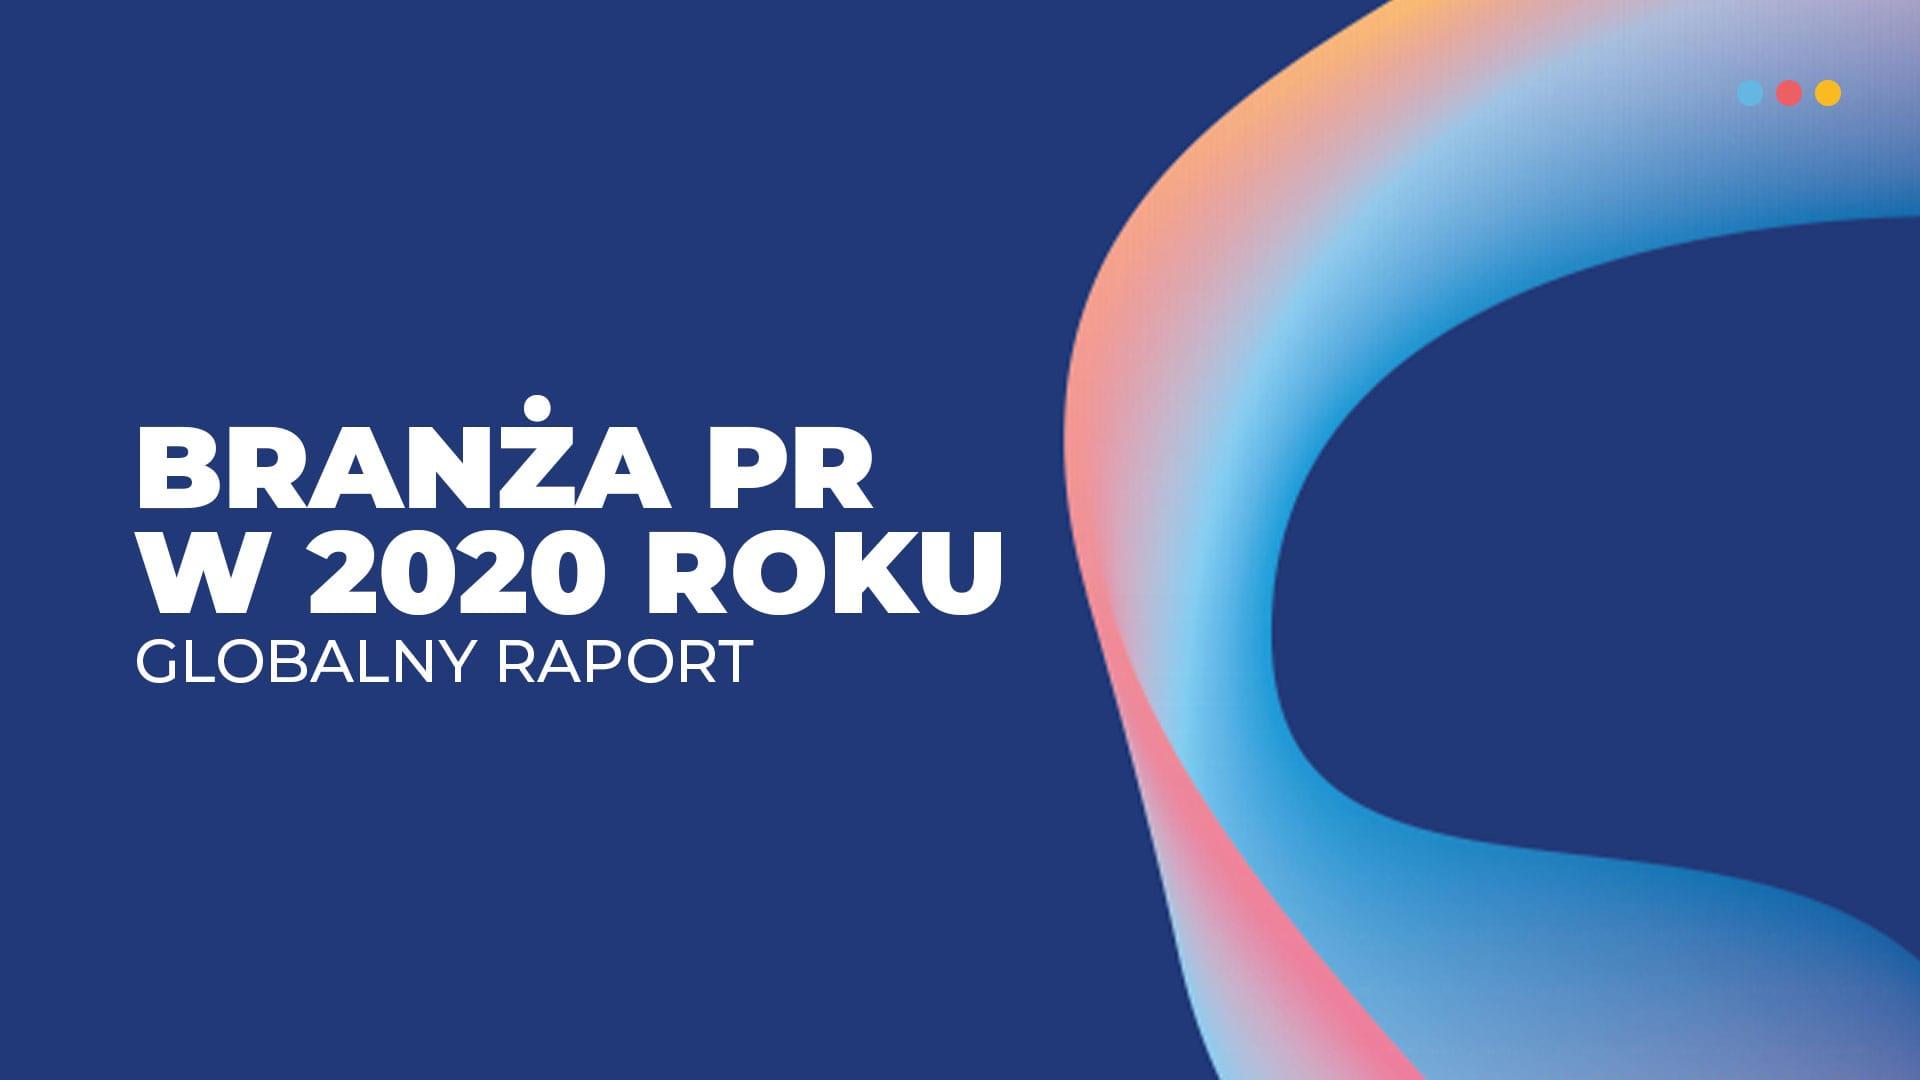 Branża PR w 2020 roku. Nasze badanie